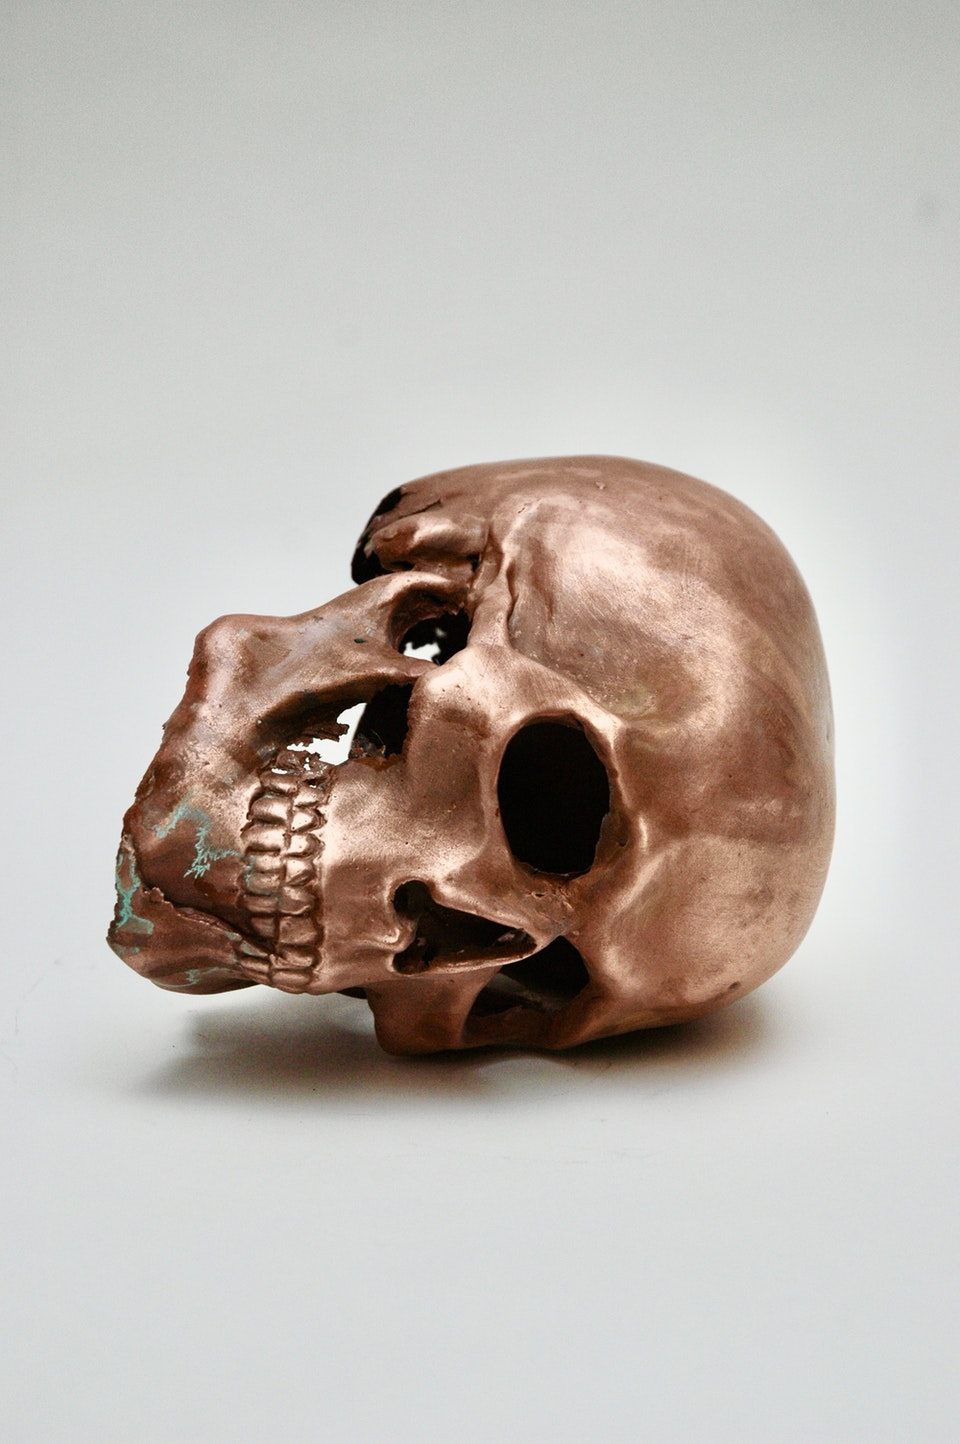 Copper Skull DCBF9C3E-5103-47C4-BD45-6EF417EF709A_1_201_a